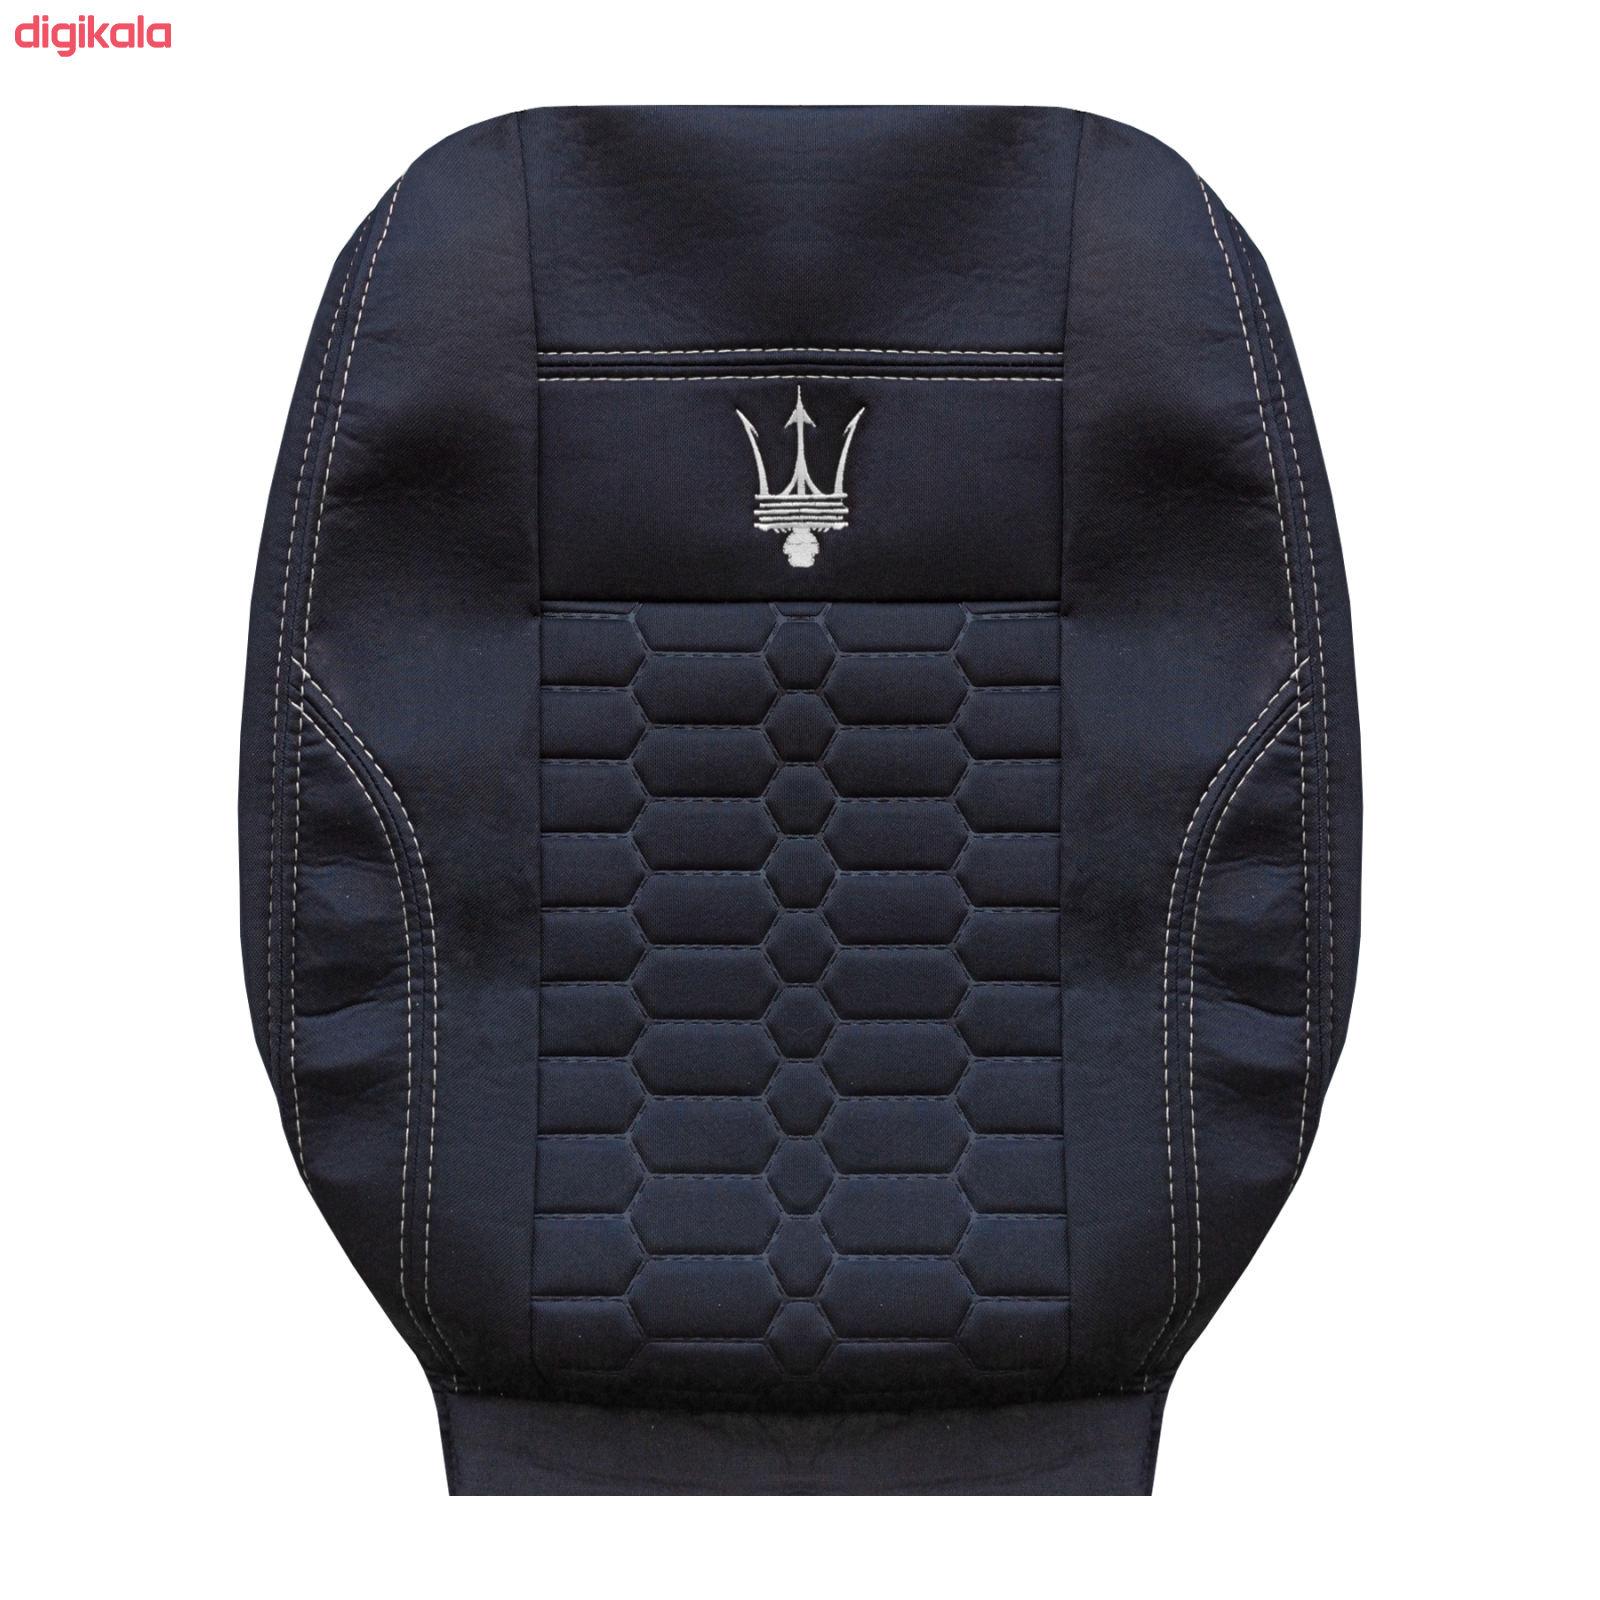 روکش صندلی خودرو مدل SAR003 مناسب برای پراید 131 main 1 1